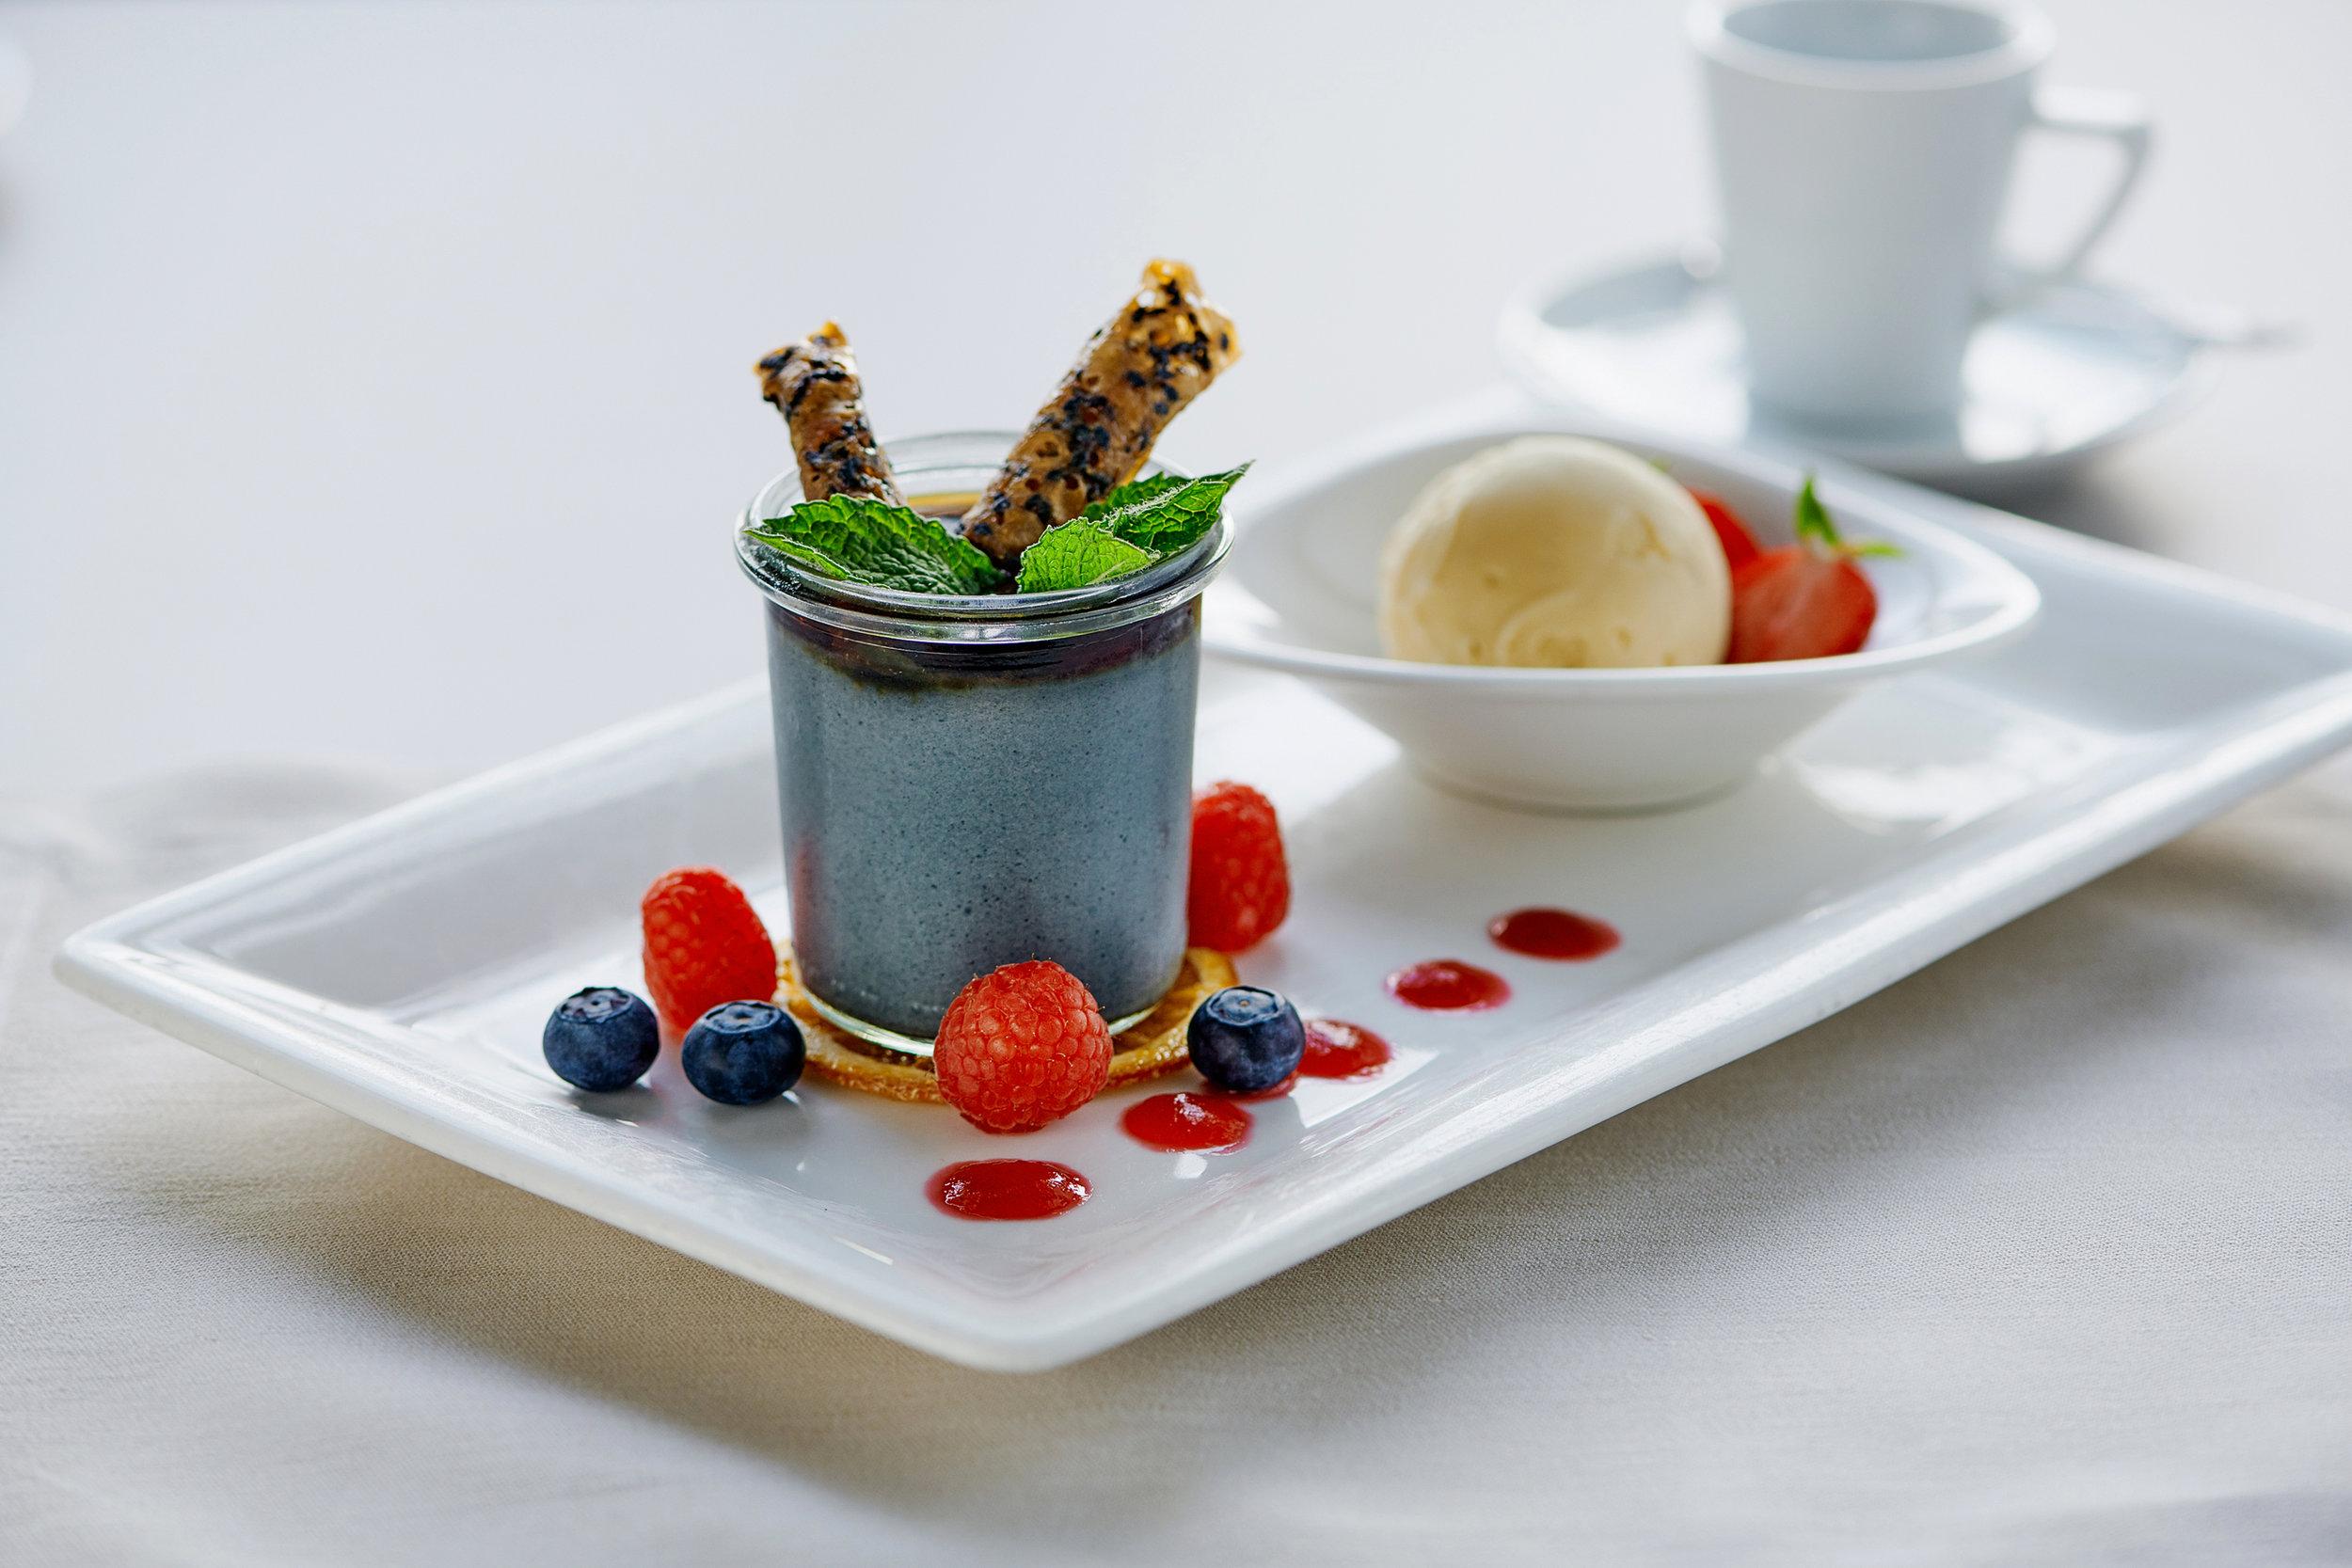 Restaurant_Zuerichberg_Sorell_Hotel_Zuerichberg_Food_5.jpg